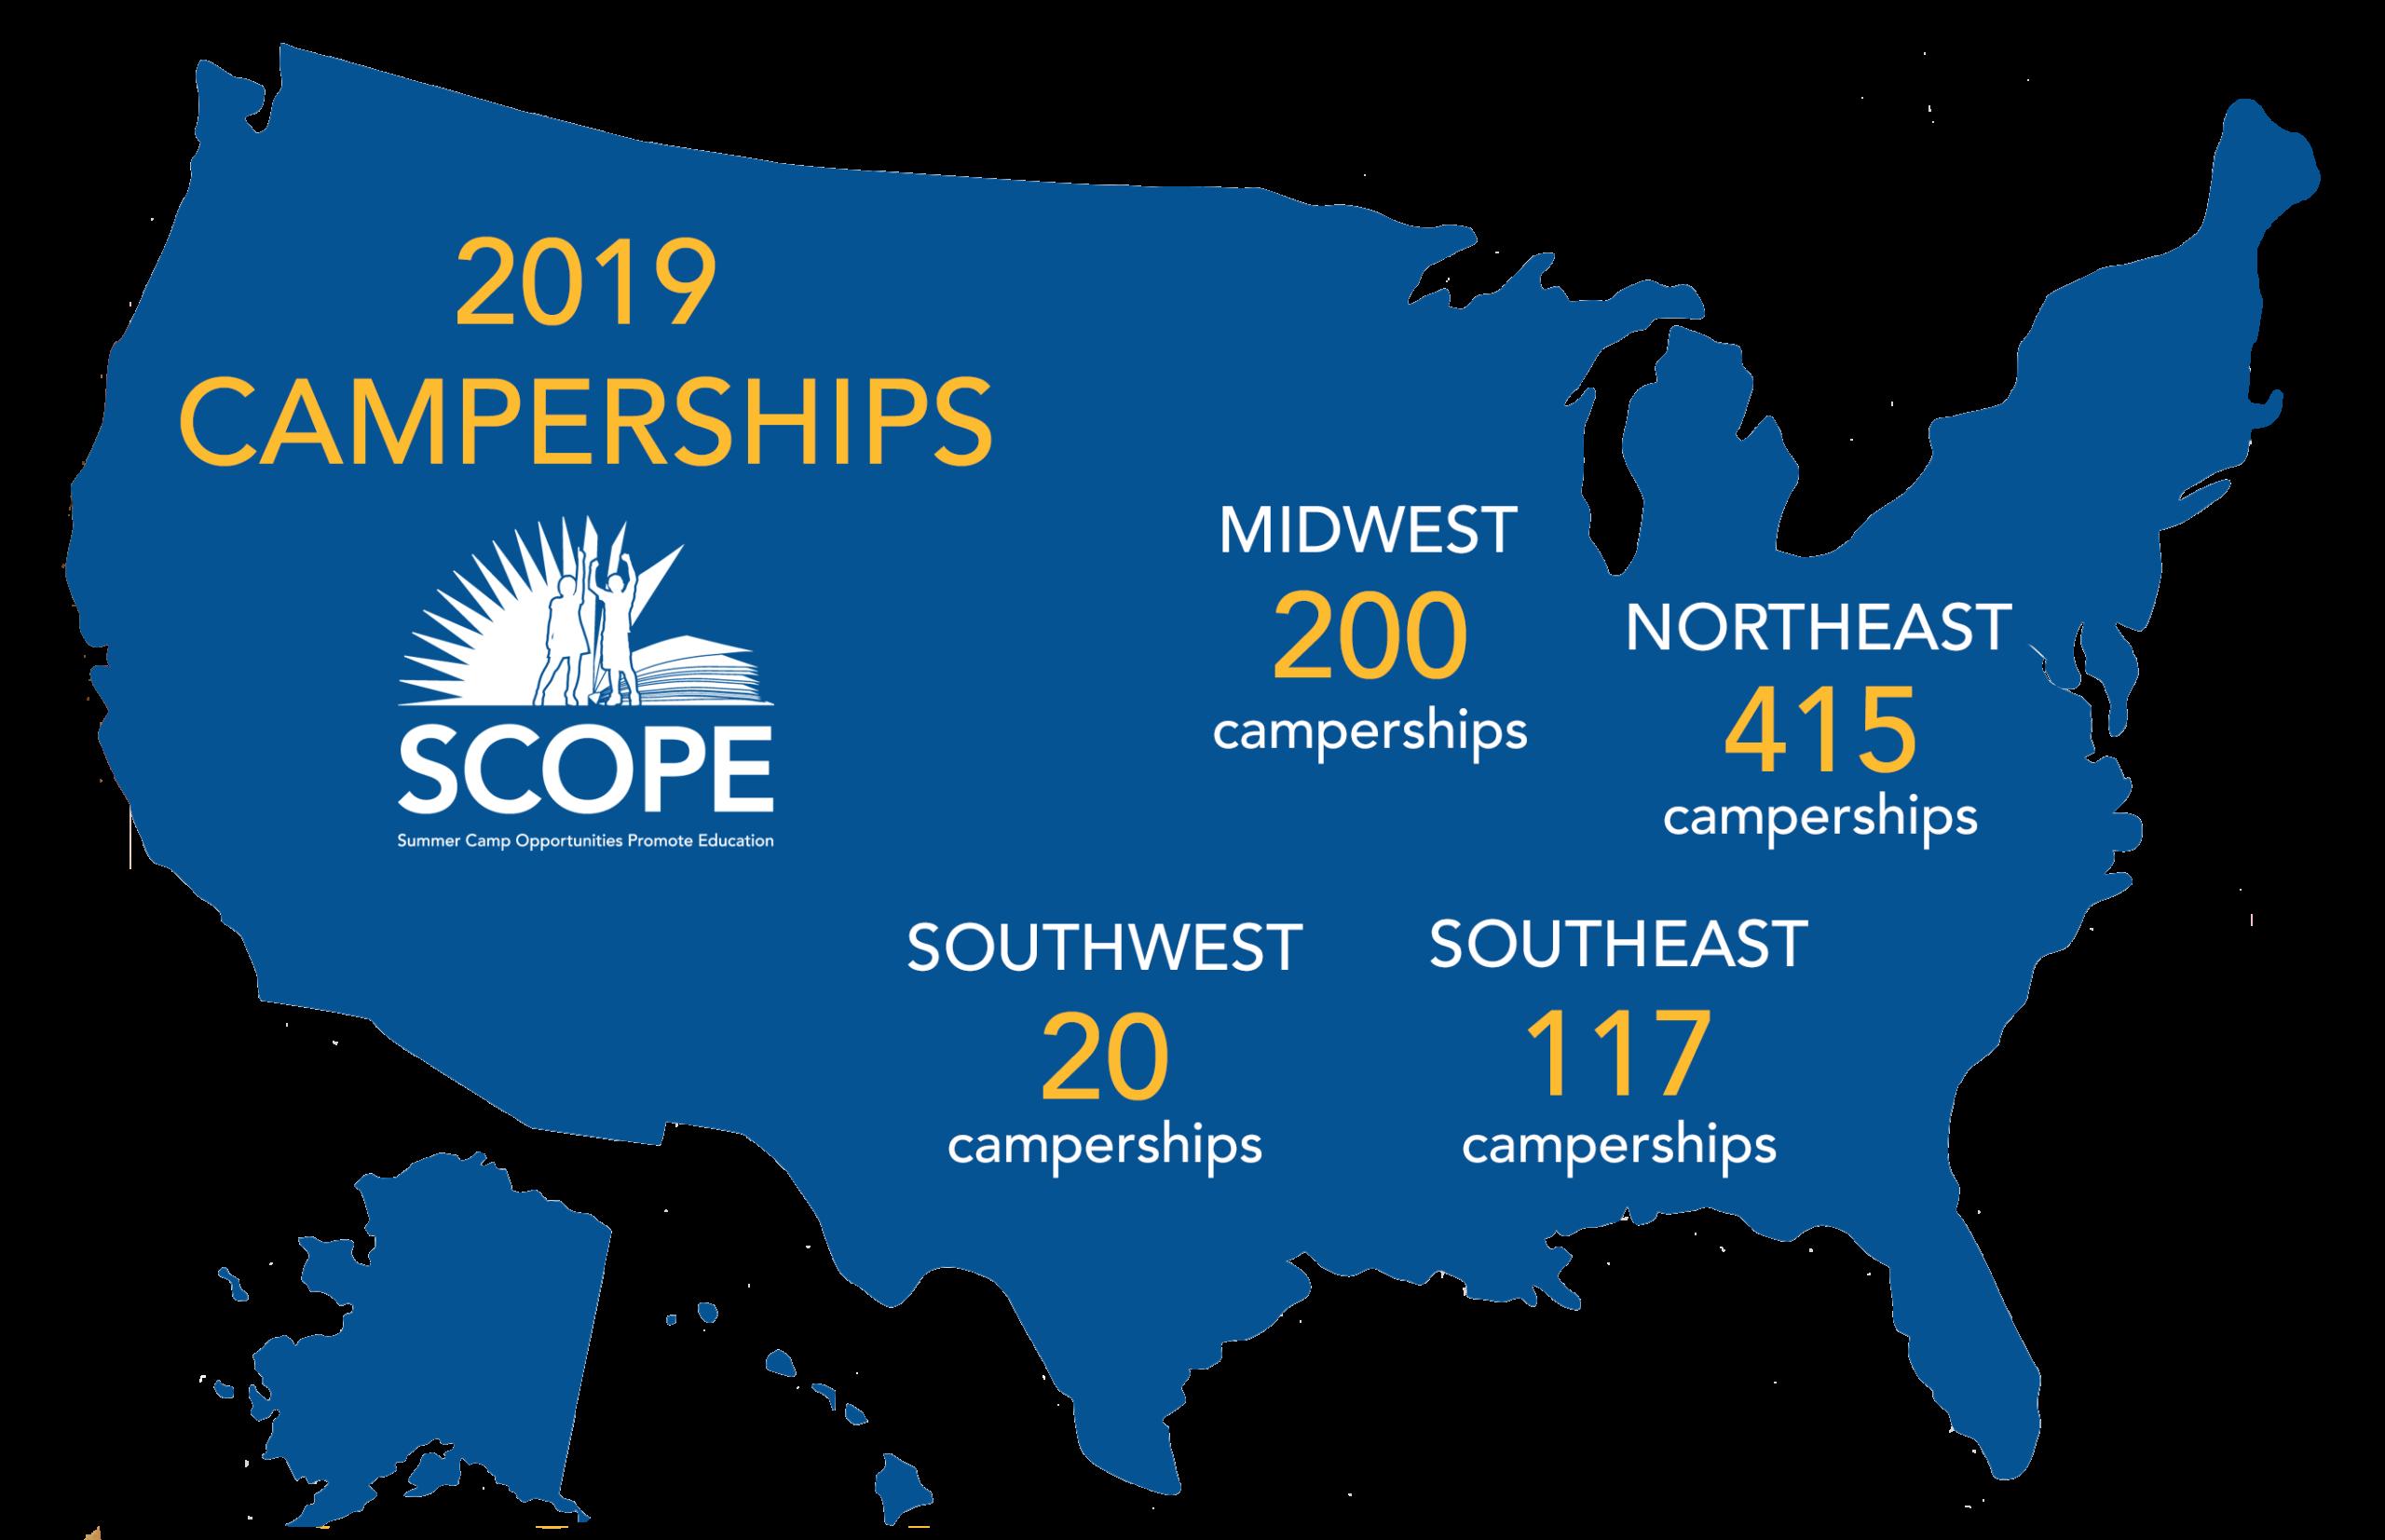 Campership USA Map 2019